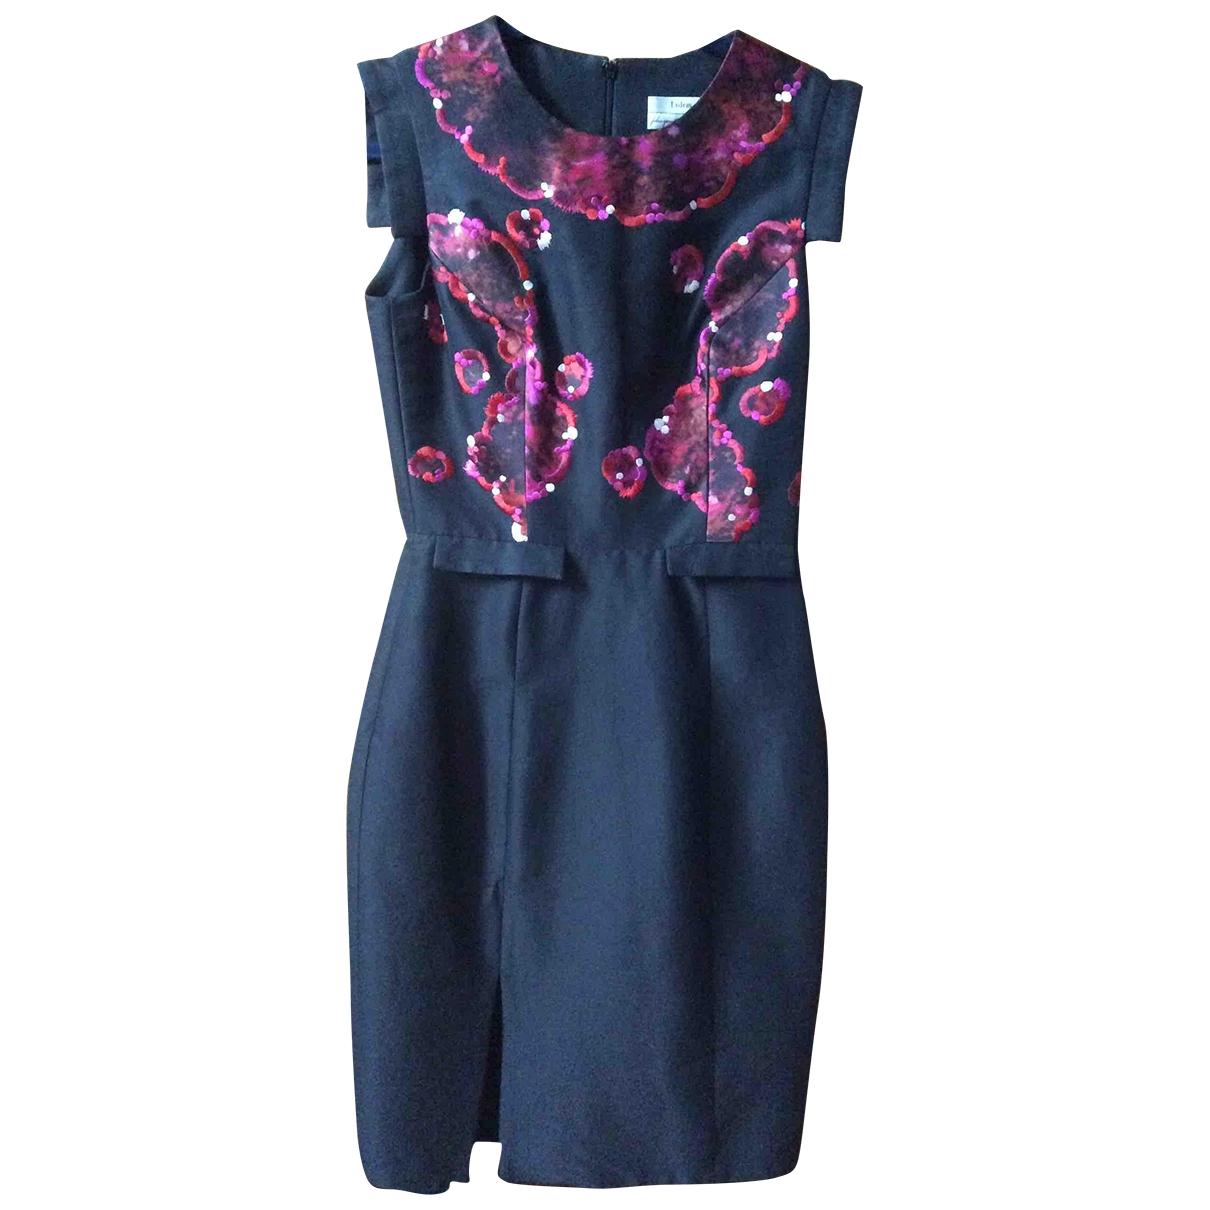 Erdem \N Black Cotton dress for Women 10 UK